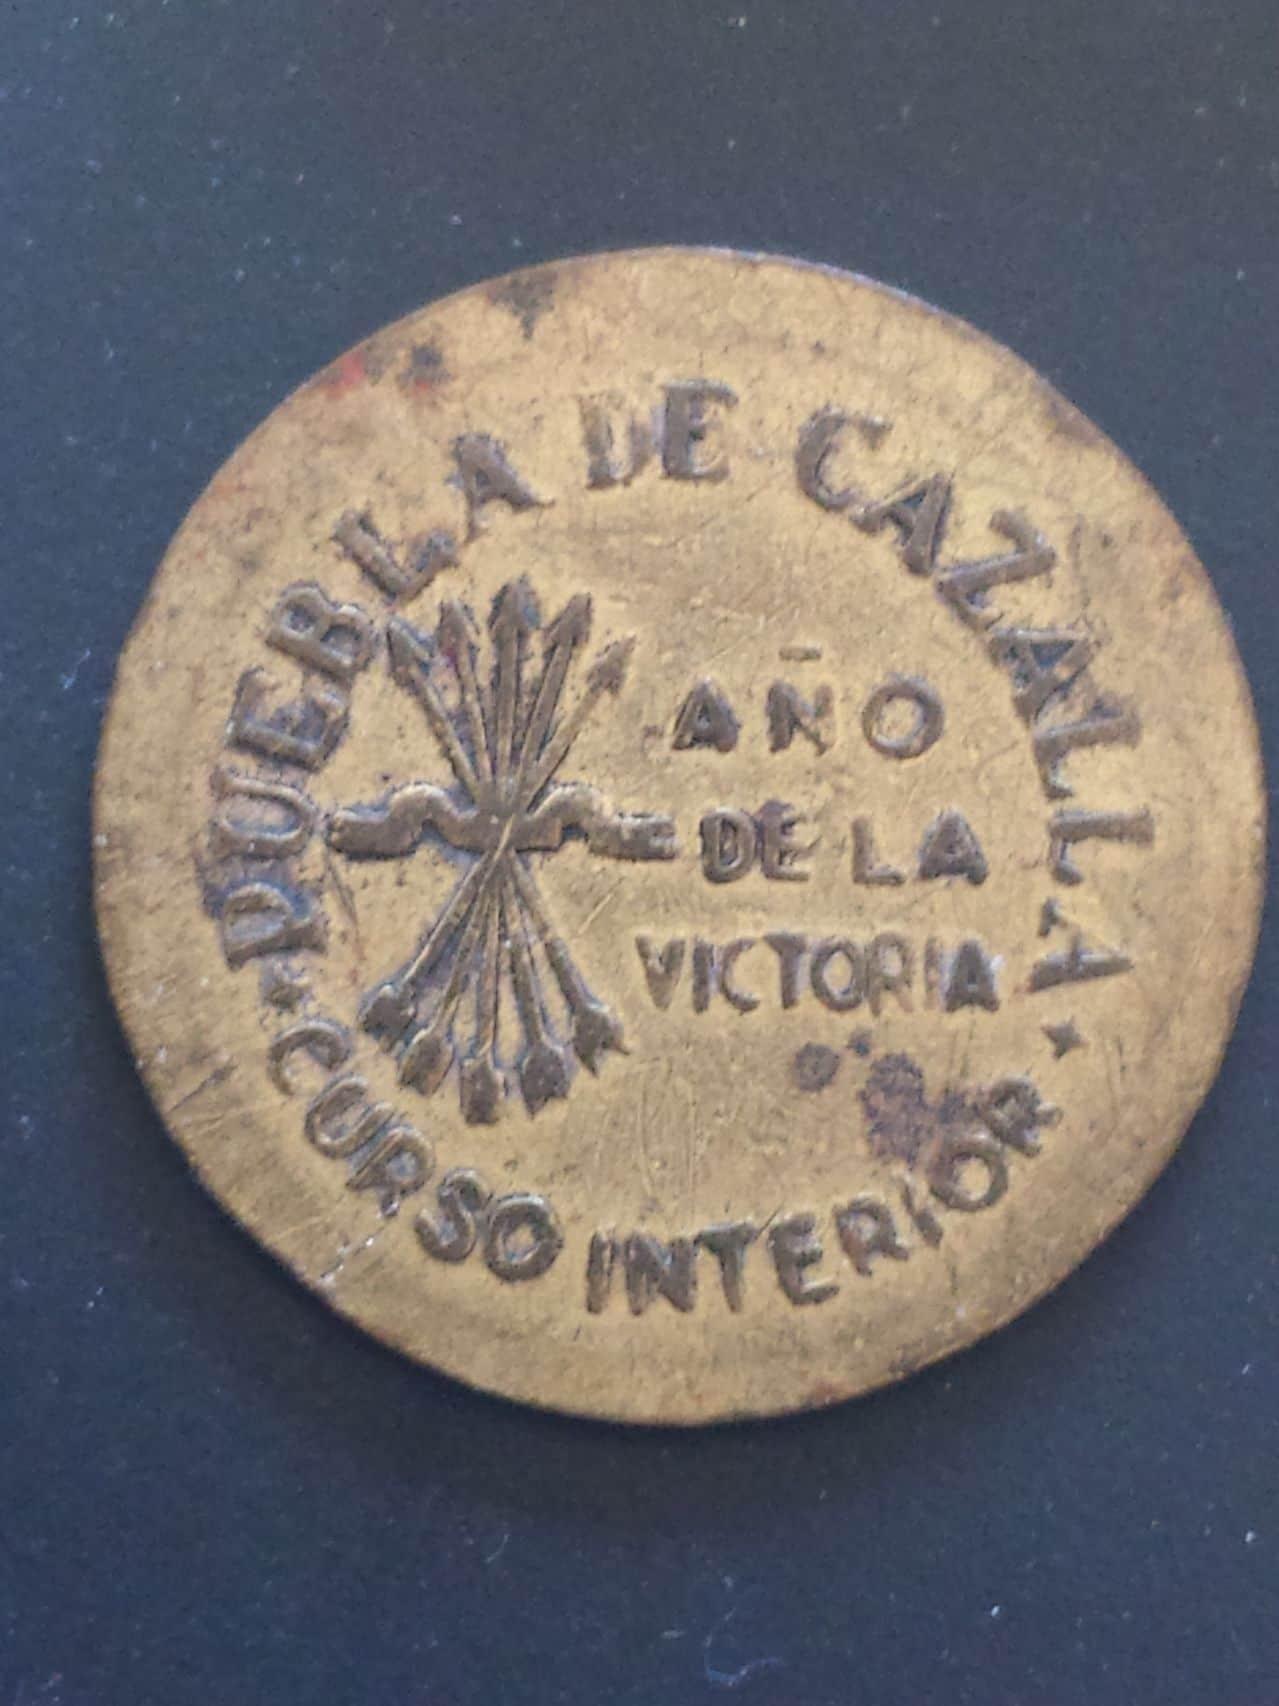 Monedas y fichas de Puebla de Cazalla 20150306_120625